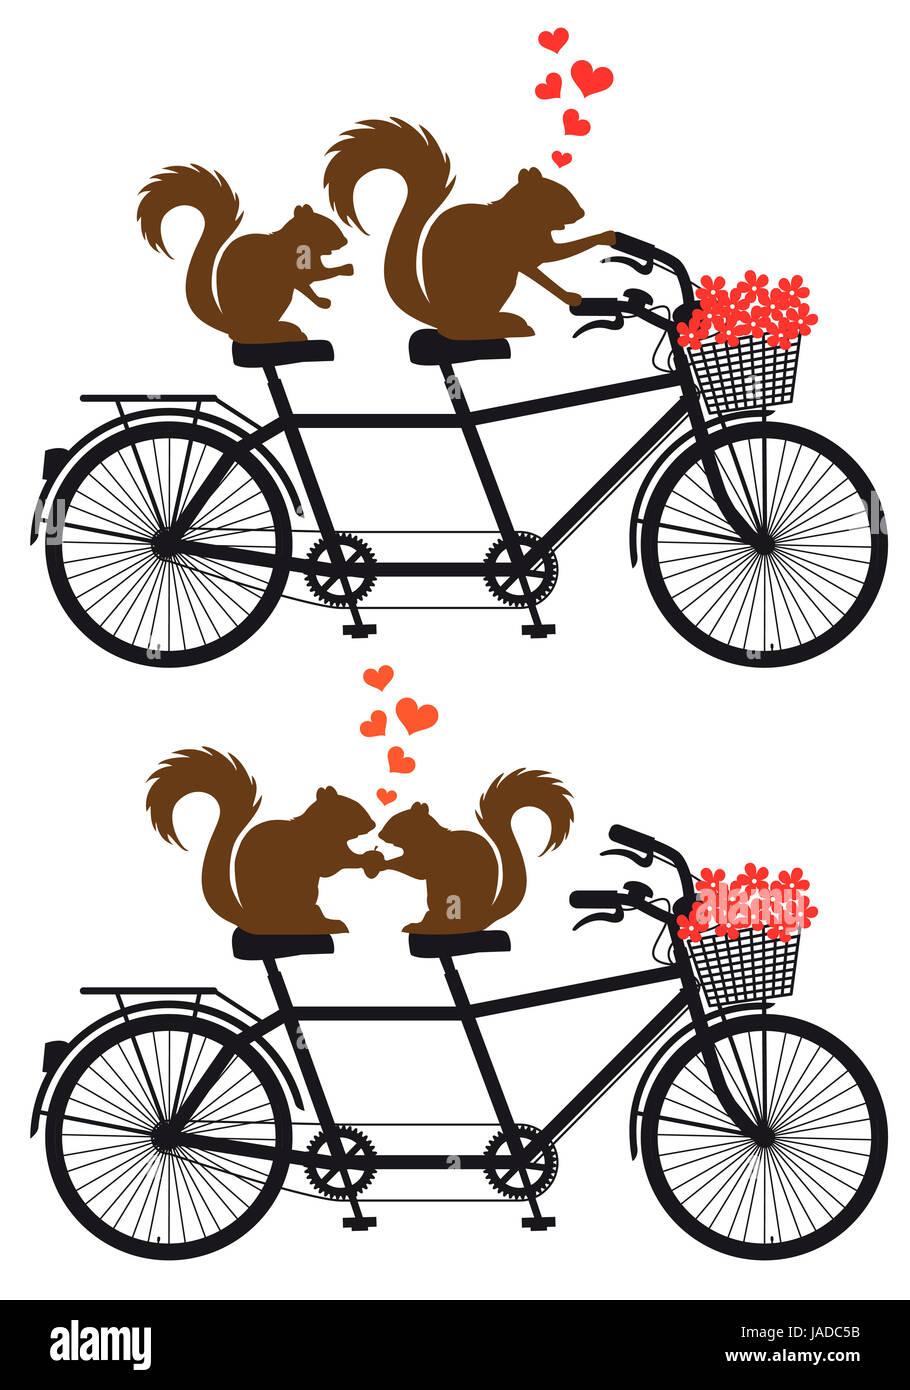 Eichhornchen Paar In Liebe Auf Tandem Fahrrad Mit Roten Herzen